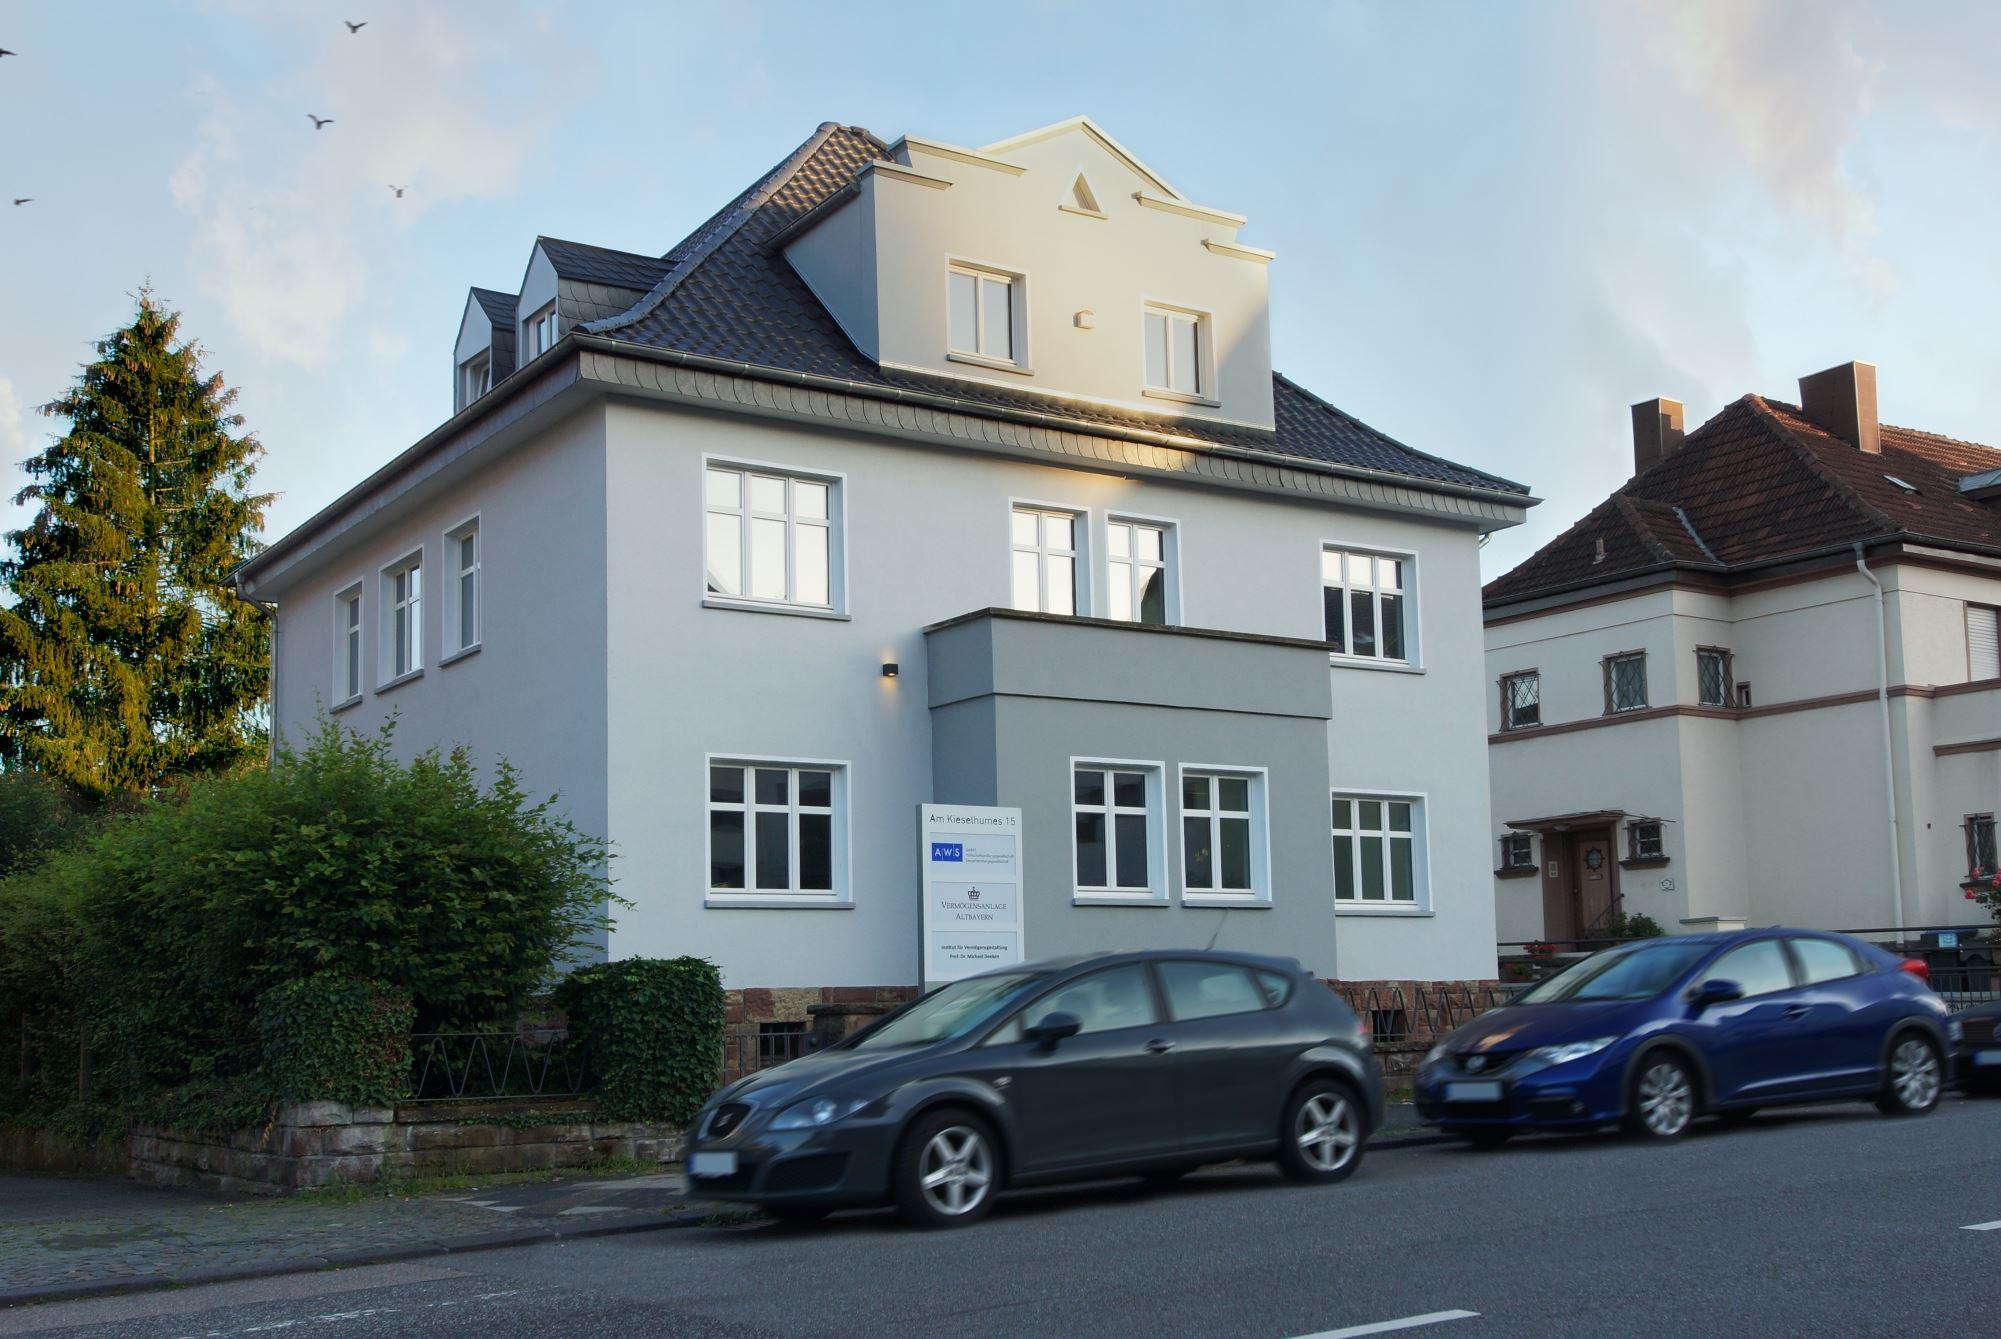 AWS Steuerberatung Saarbrücken Stiebel Altmeier Deeken Janek Pfeufer Architektur